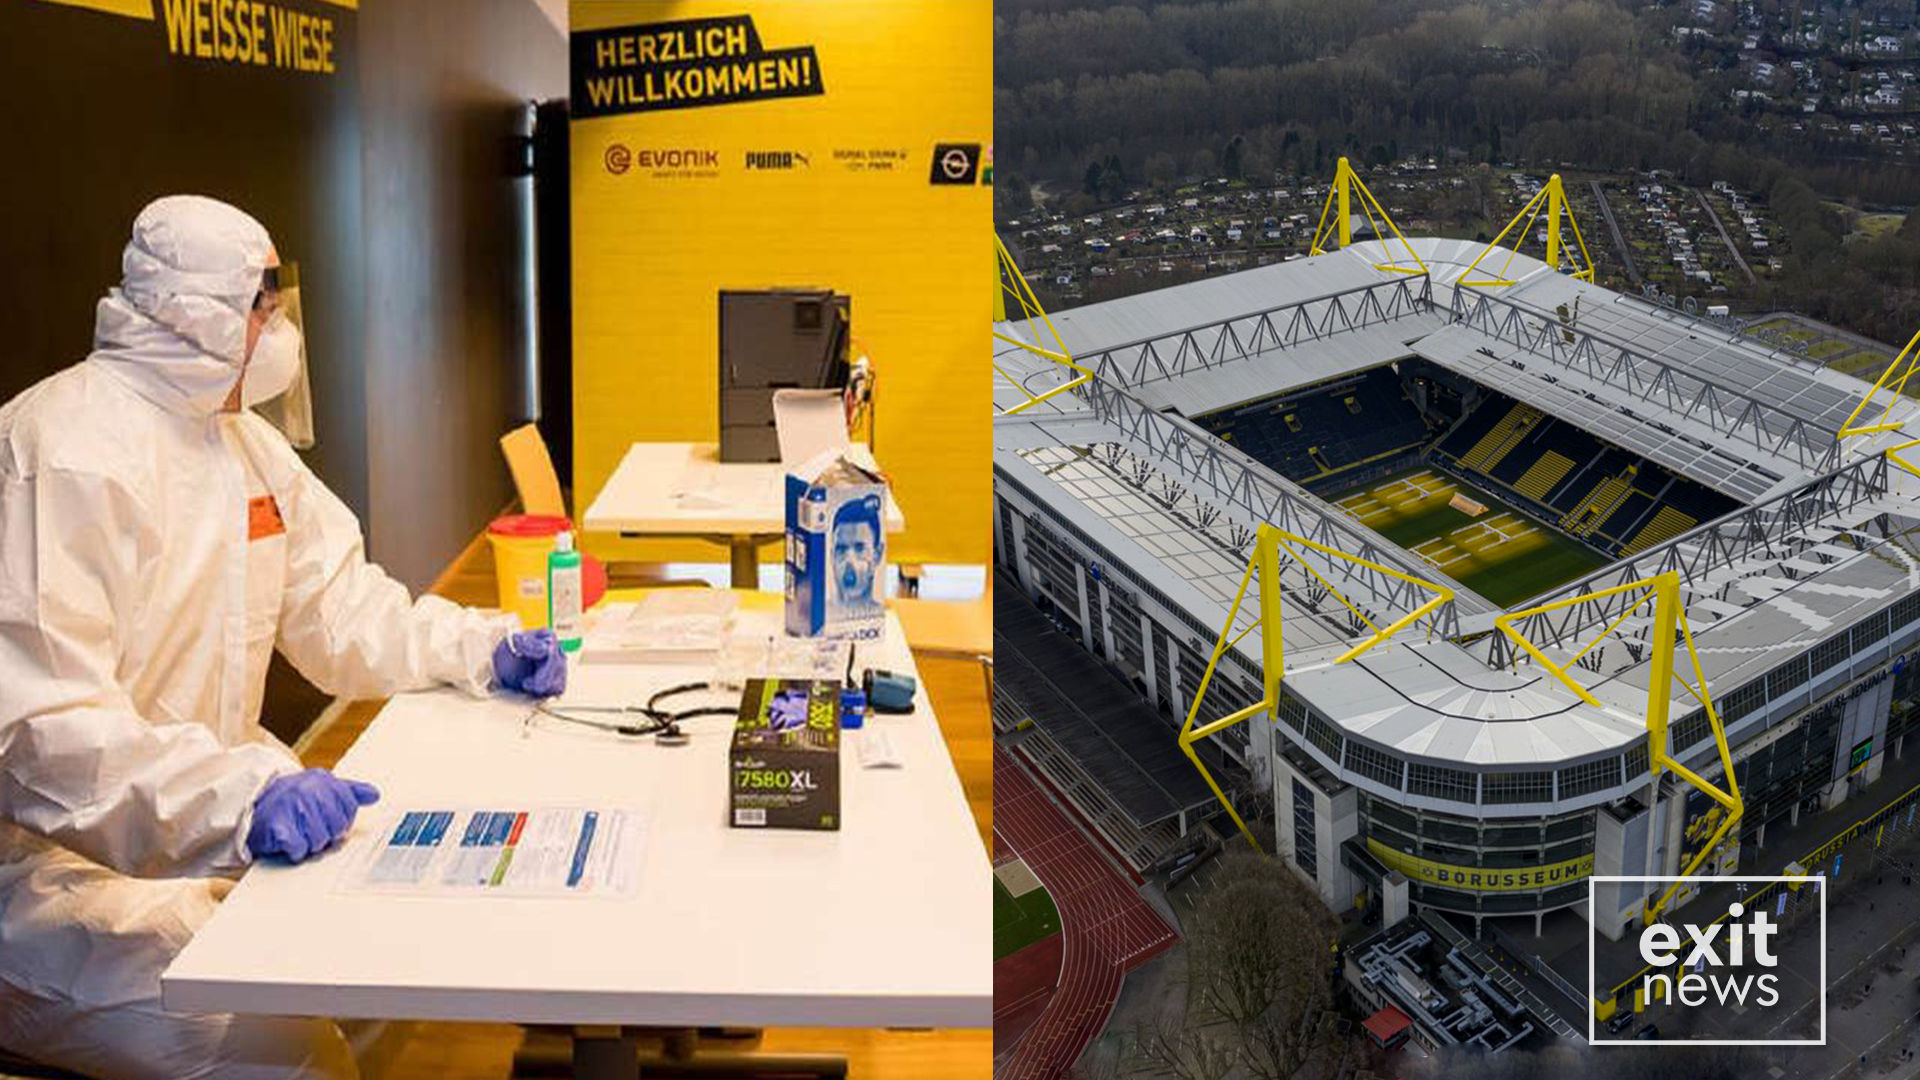 Dortmundi kthen stadiumin në spital për Covid-19